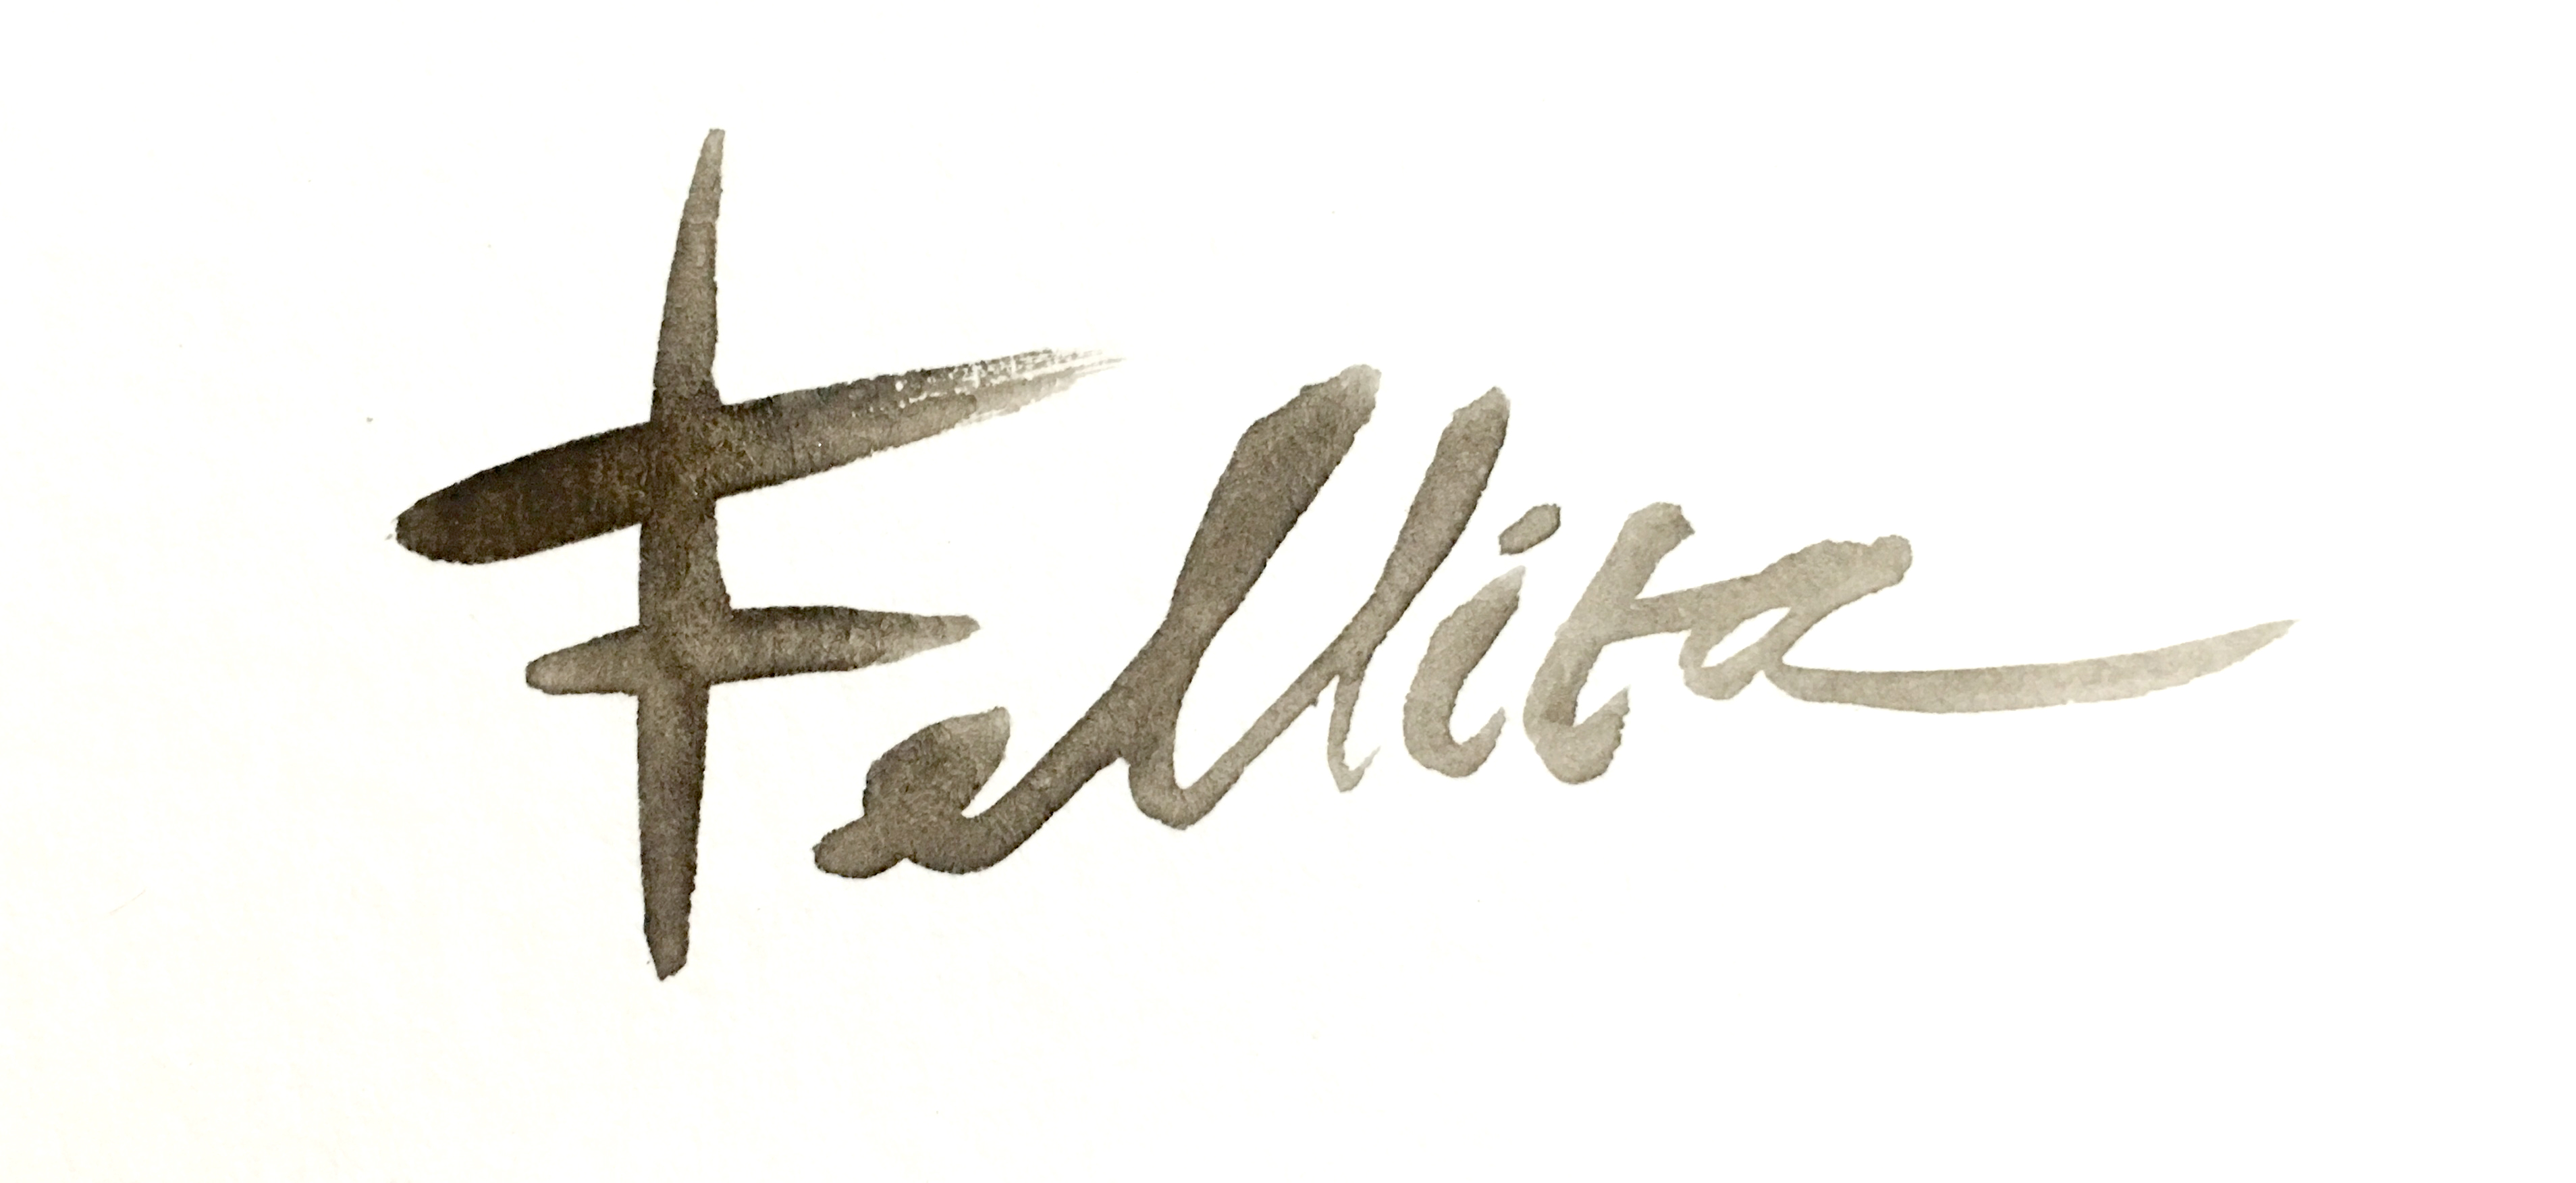 Fellita Priscilla's Signature